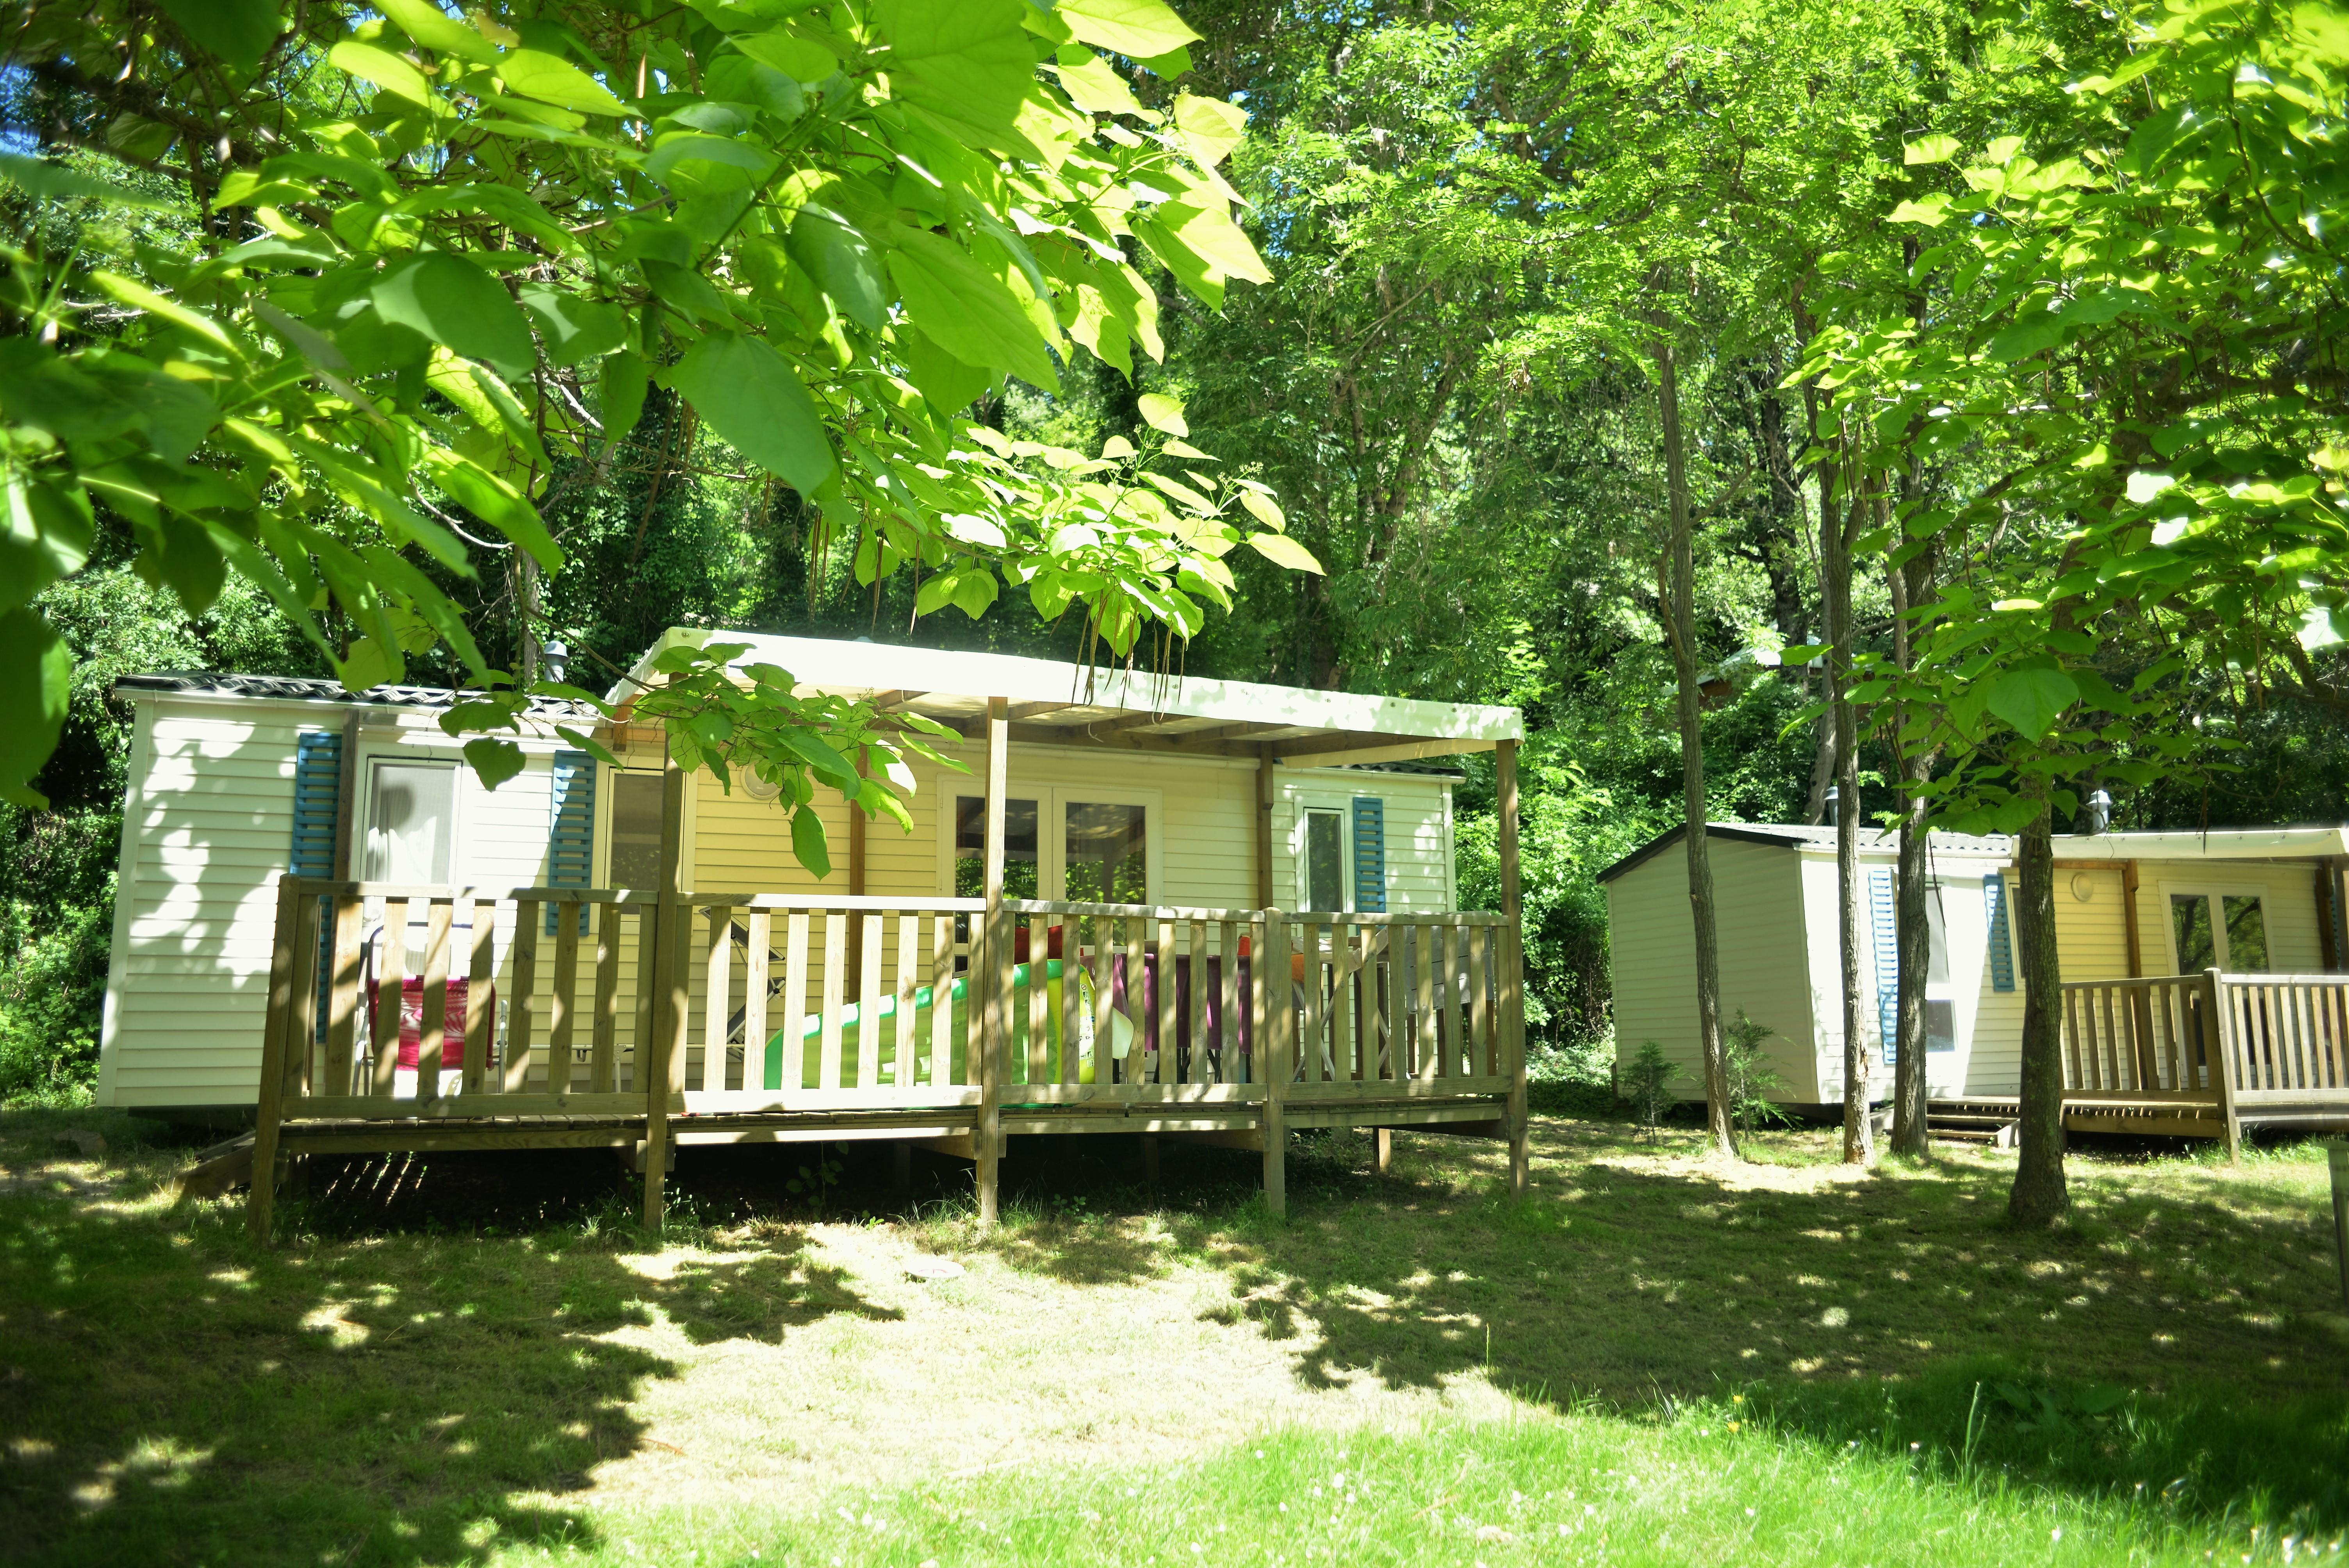 Camping Coeur d'Ardèche, Saint-Vincent-de-Durfort, Ardèche